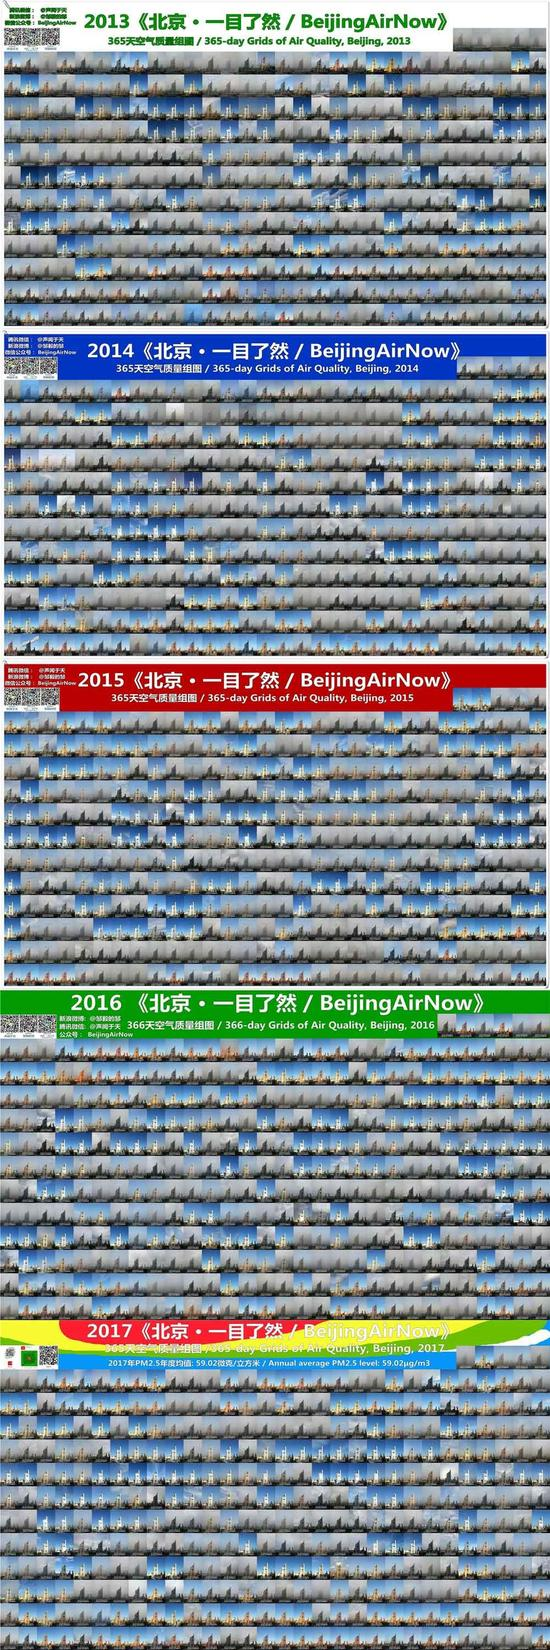 金沙娱乐上全博网:北京空气质量变好了吗?1800多张照片告诉你答案